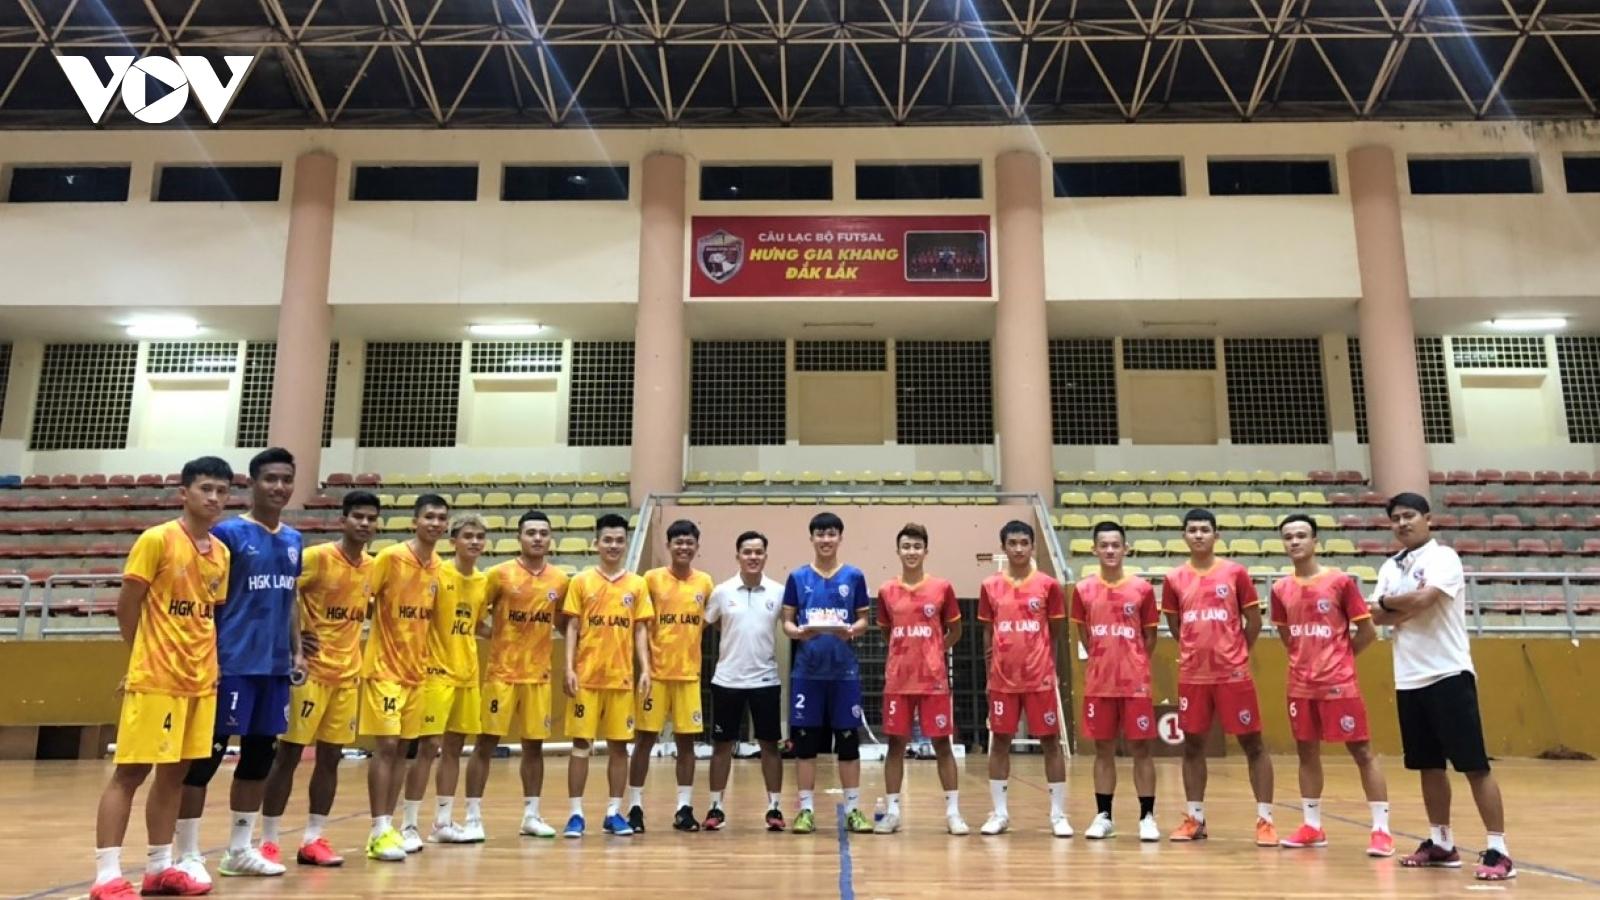 Hưng Gia Khang Đắk Lắk: Tự tin hướng đến mùa giải Futsal 2021